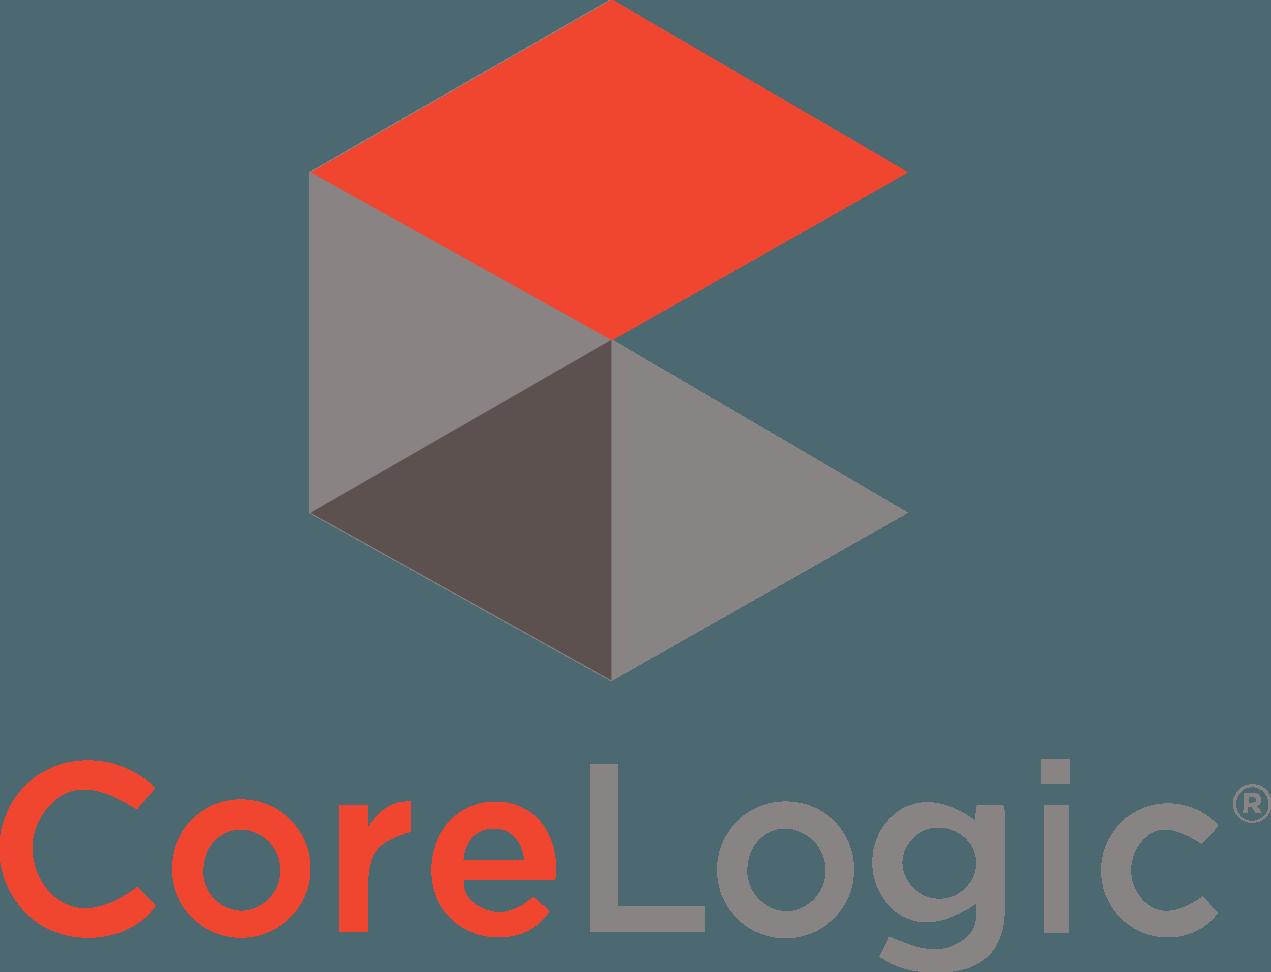 Corelogic Logo png